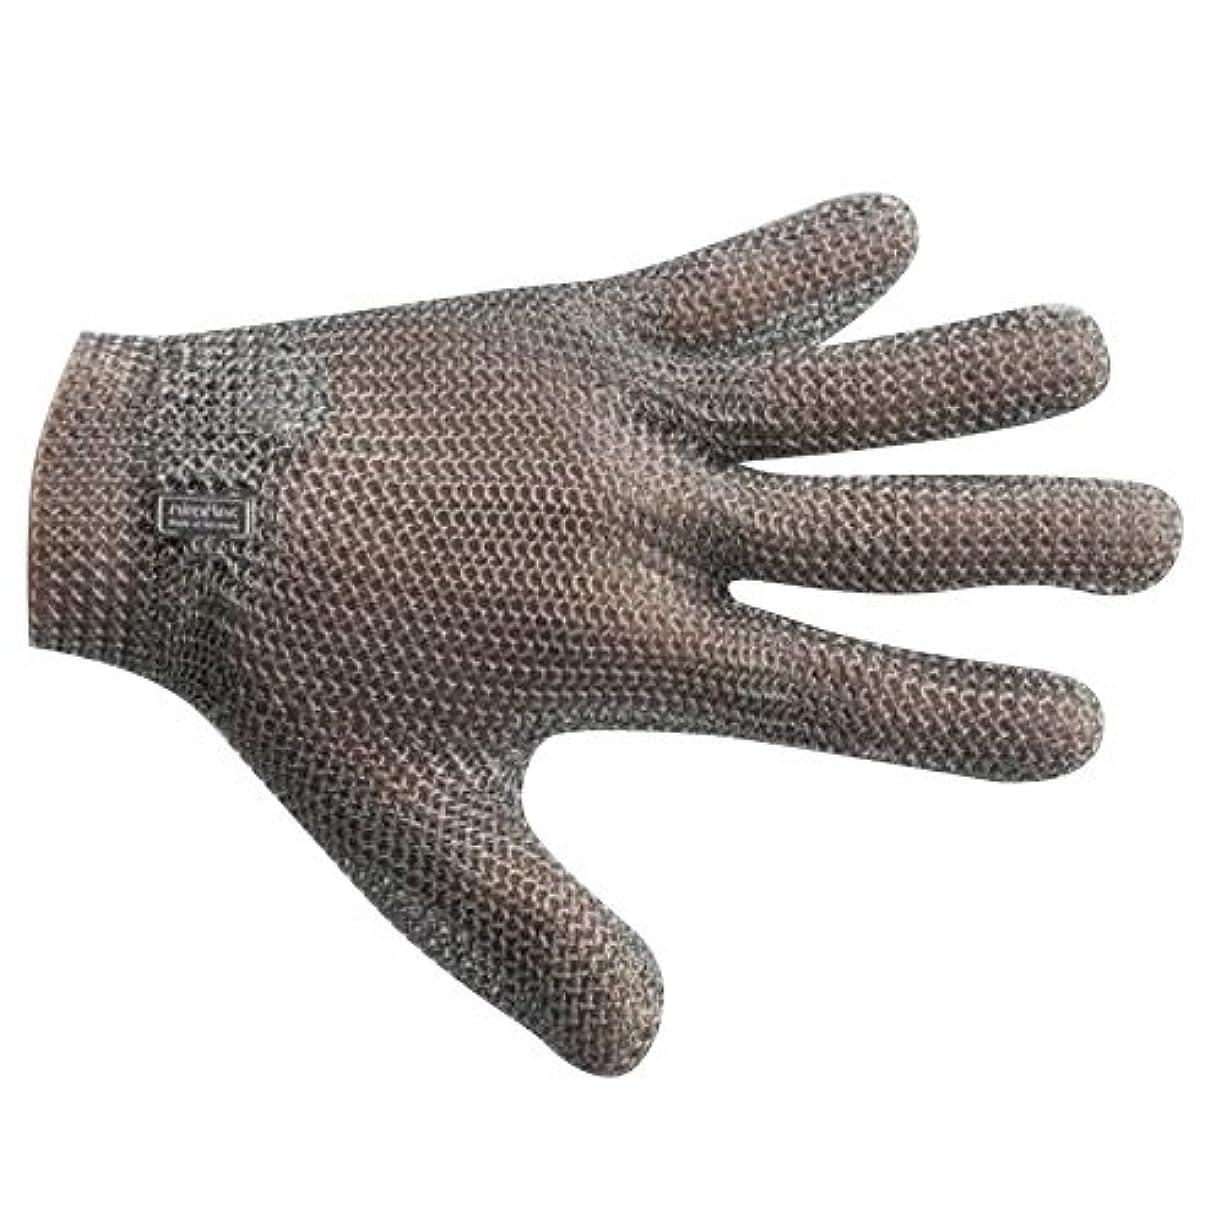 課税どれか教育者宇都宮製作 GU-2500 ステンレスメッシュ手袋 5本指(左右兼用) SS